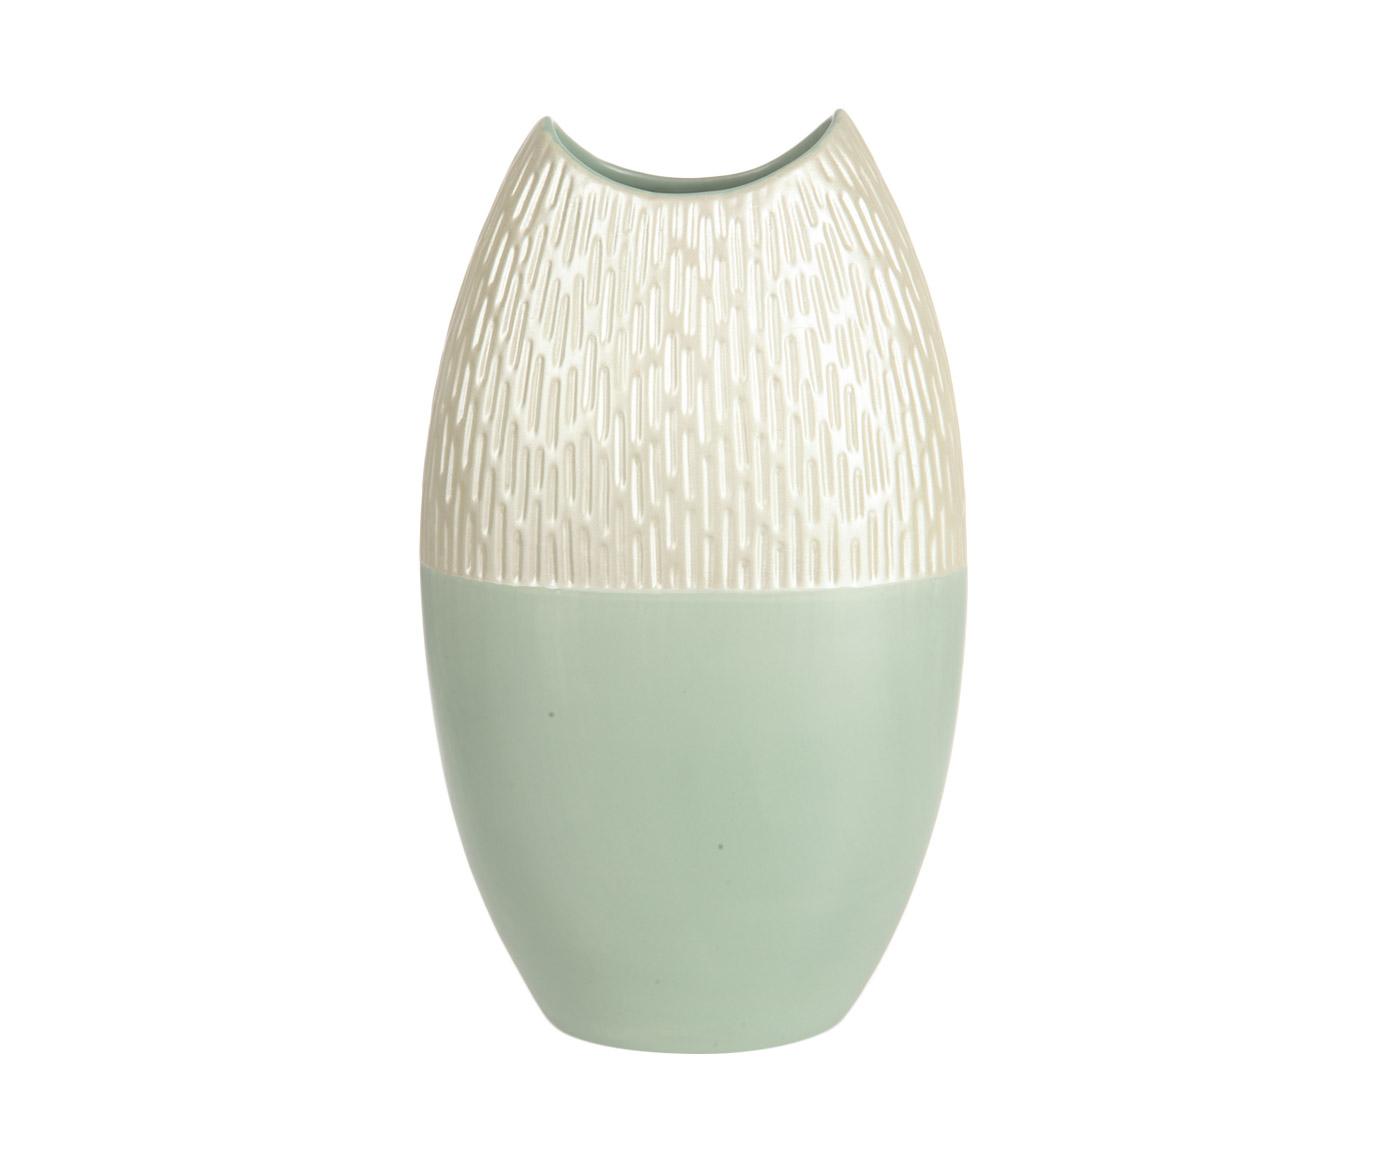 Ваза декоративнаяВазы<br>Эта коллекция от Farol включает декоративные вазы разных оттенков, форм и размеров. Объединяет их условное деление изделия на две части, покрытые разной глазуровкой: жемчужно-белый верх с выдавленным узором и напоминающий плотное матовое стекло низ. В этой вазе нижняя часть имеет нежный оттенок мятной пастели.<br><br>Material: Керамика<br>Ширина см: 12<br>Высота см: 40